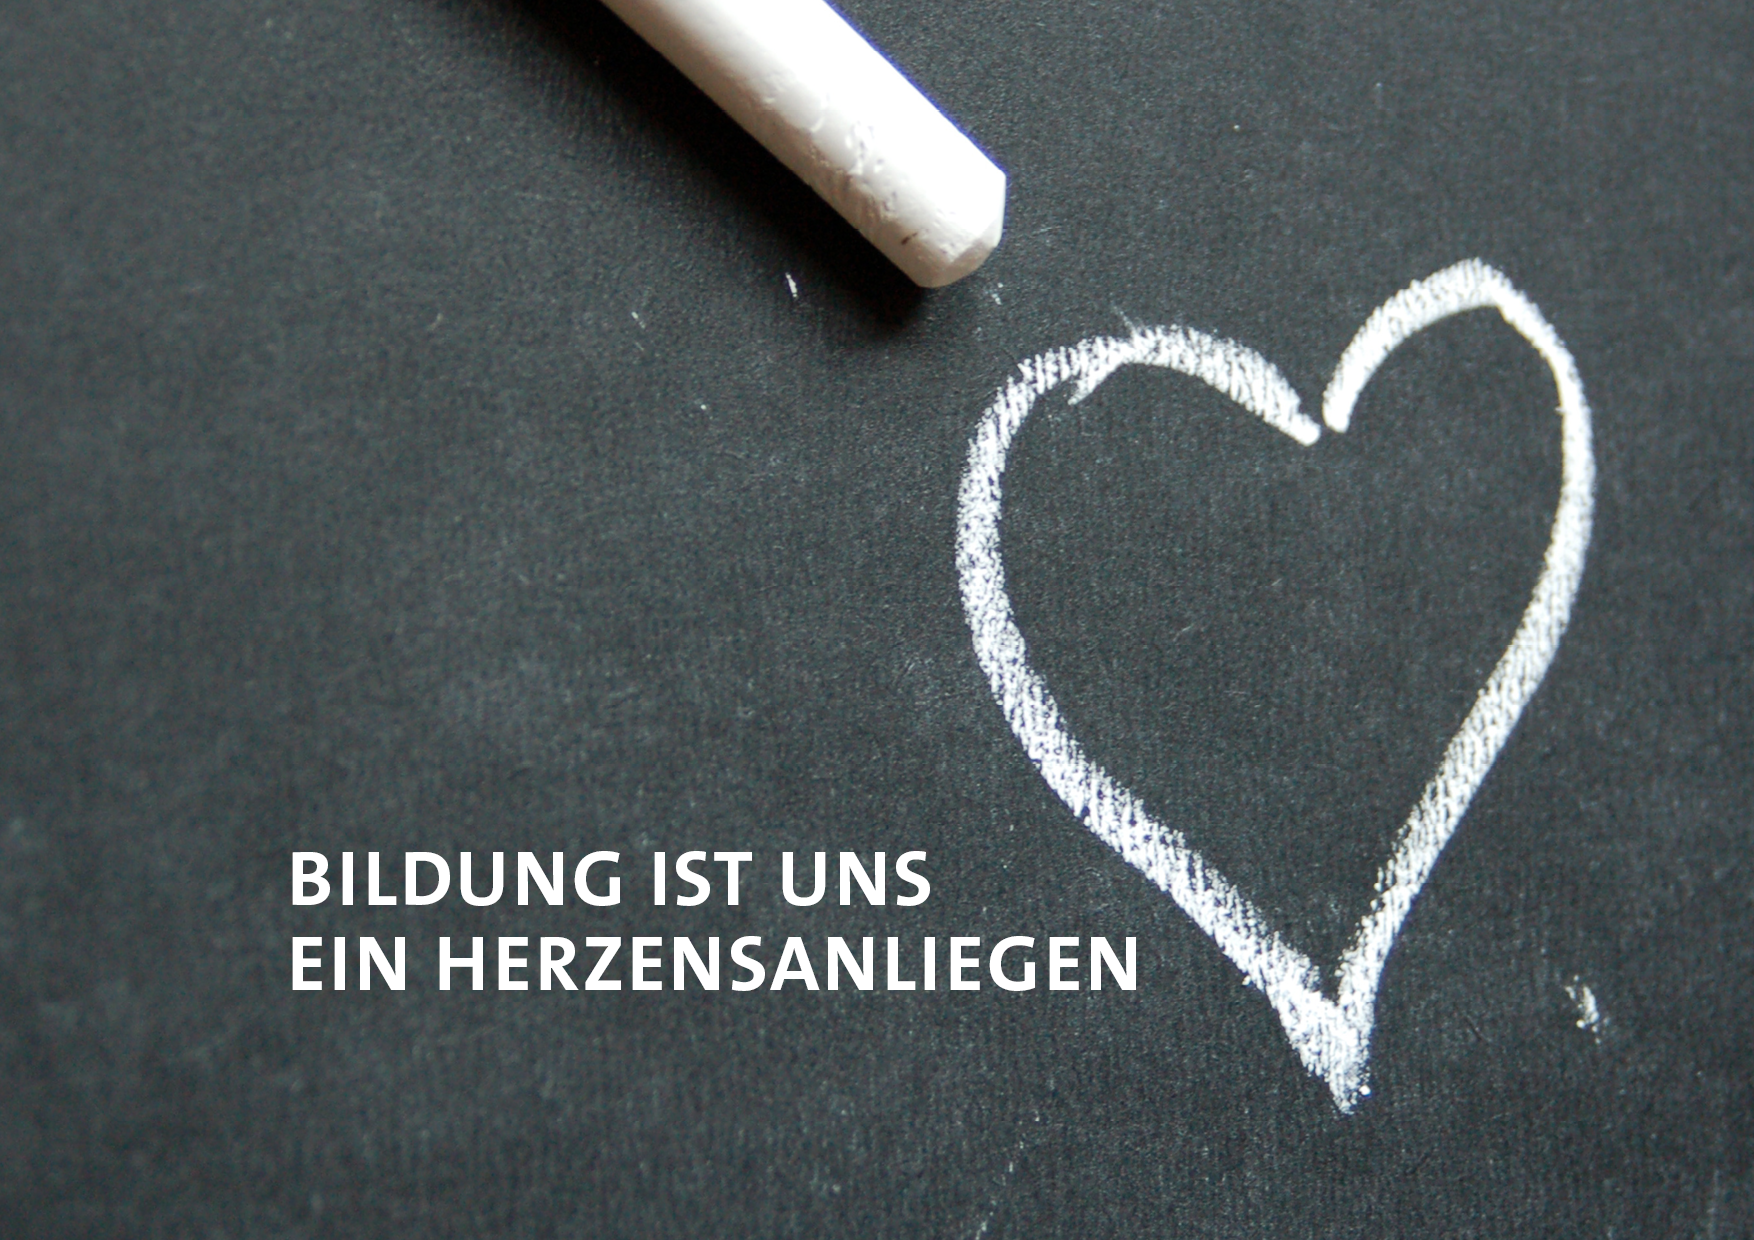 CDU und SPD erhöhen Bildungsetat um weitere 28,25 Millionen Euro